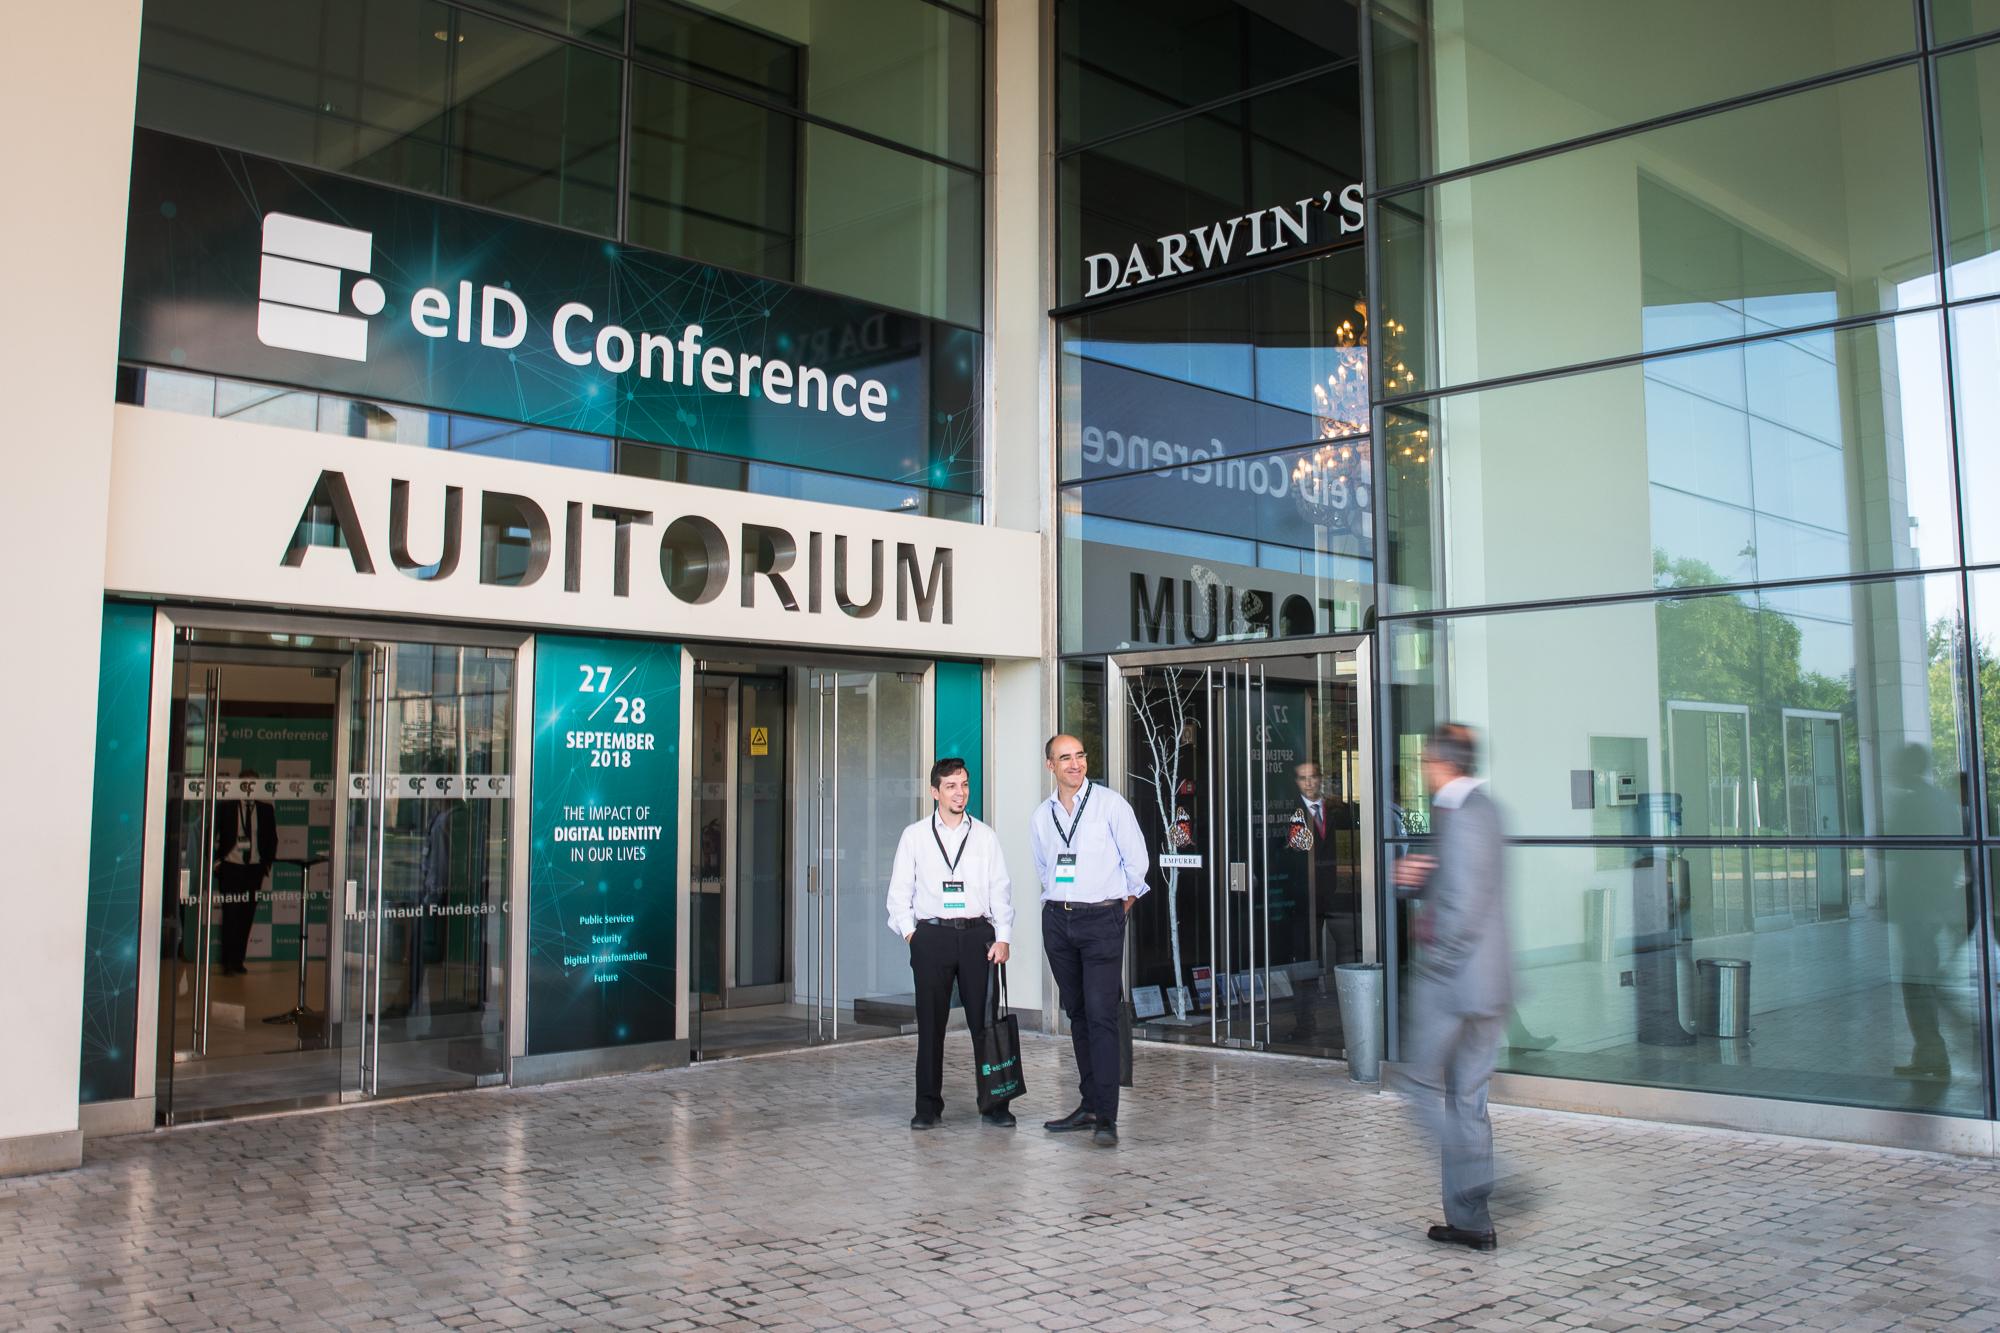 Desafios da modernização dos serviços públicos - A décima conferência de eID, organizada pela Multicert, teve lugar na Fundação Champalimaud, em Lisboa, e focou-se no impacto da tecnologia na Administração Pública e segurança nacional.